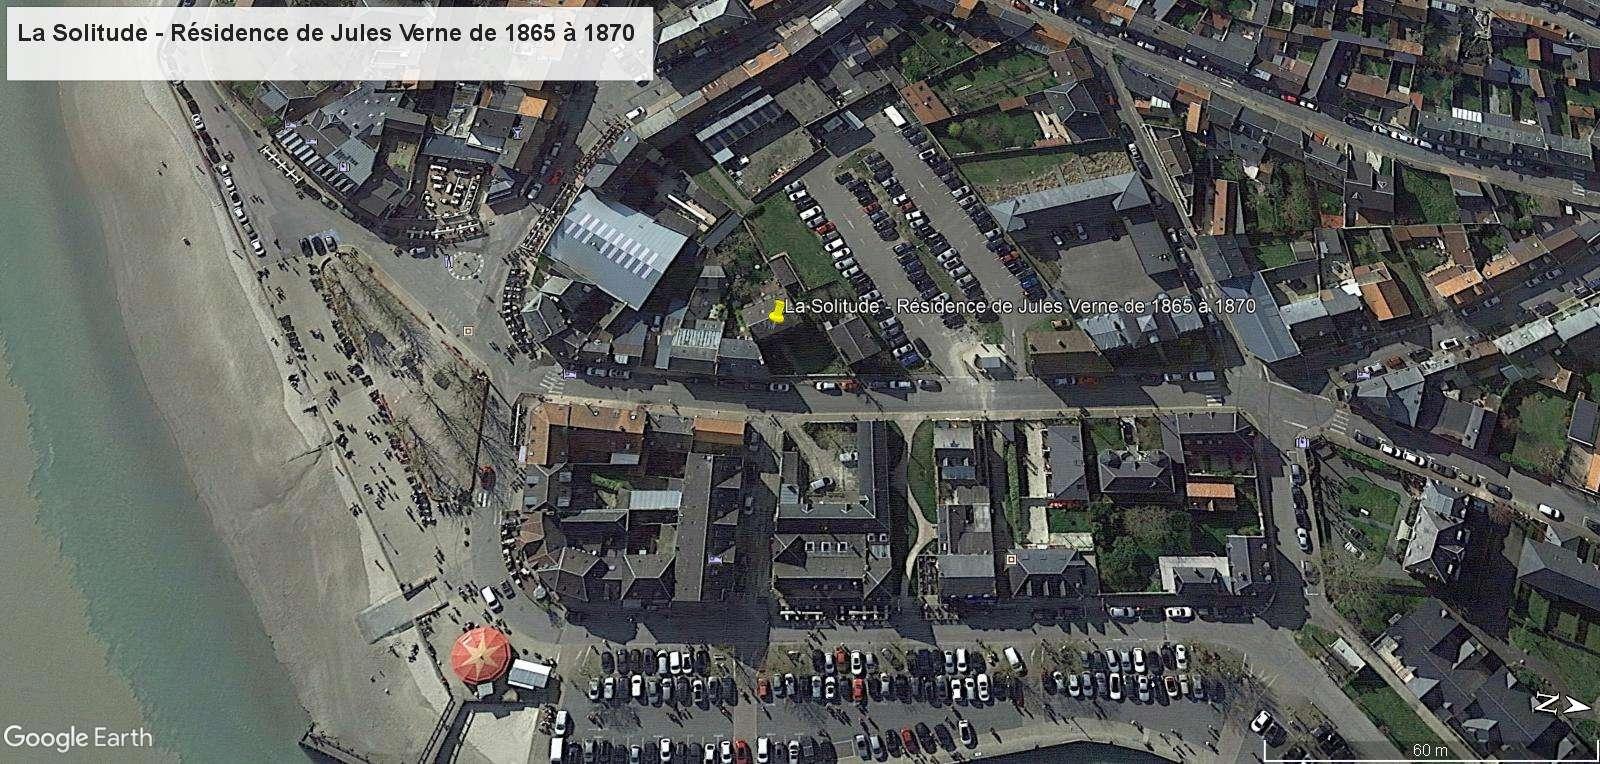 TOUR DE FRANCE VIRTUEL - Page 20 Verne_10